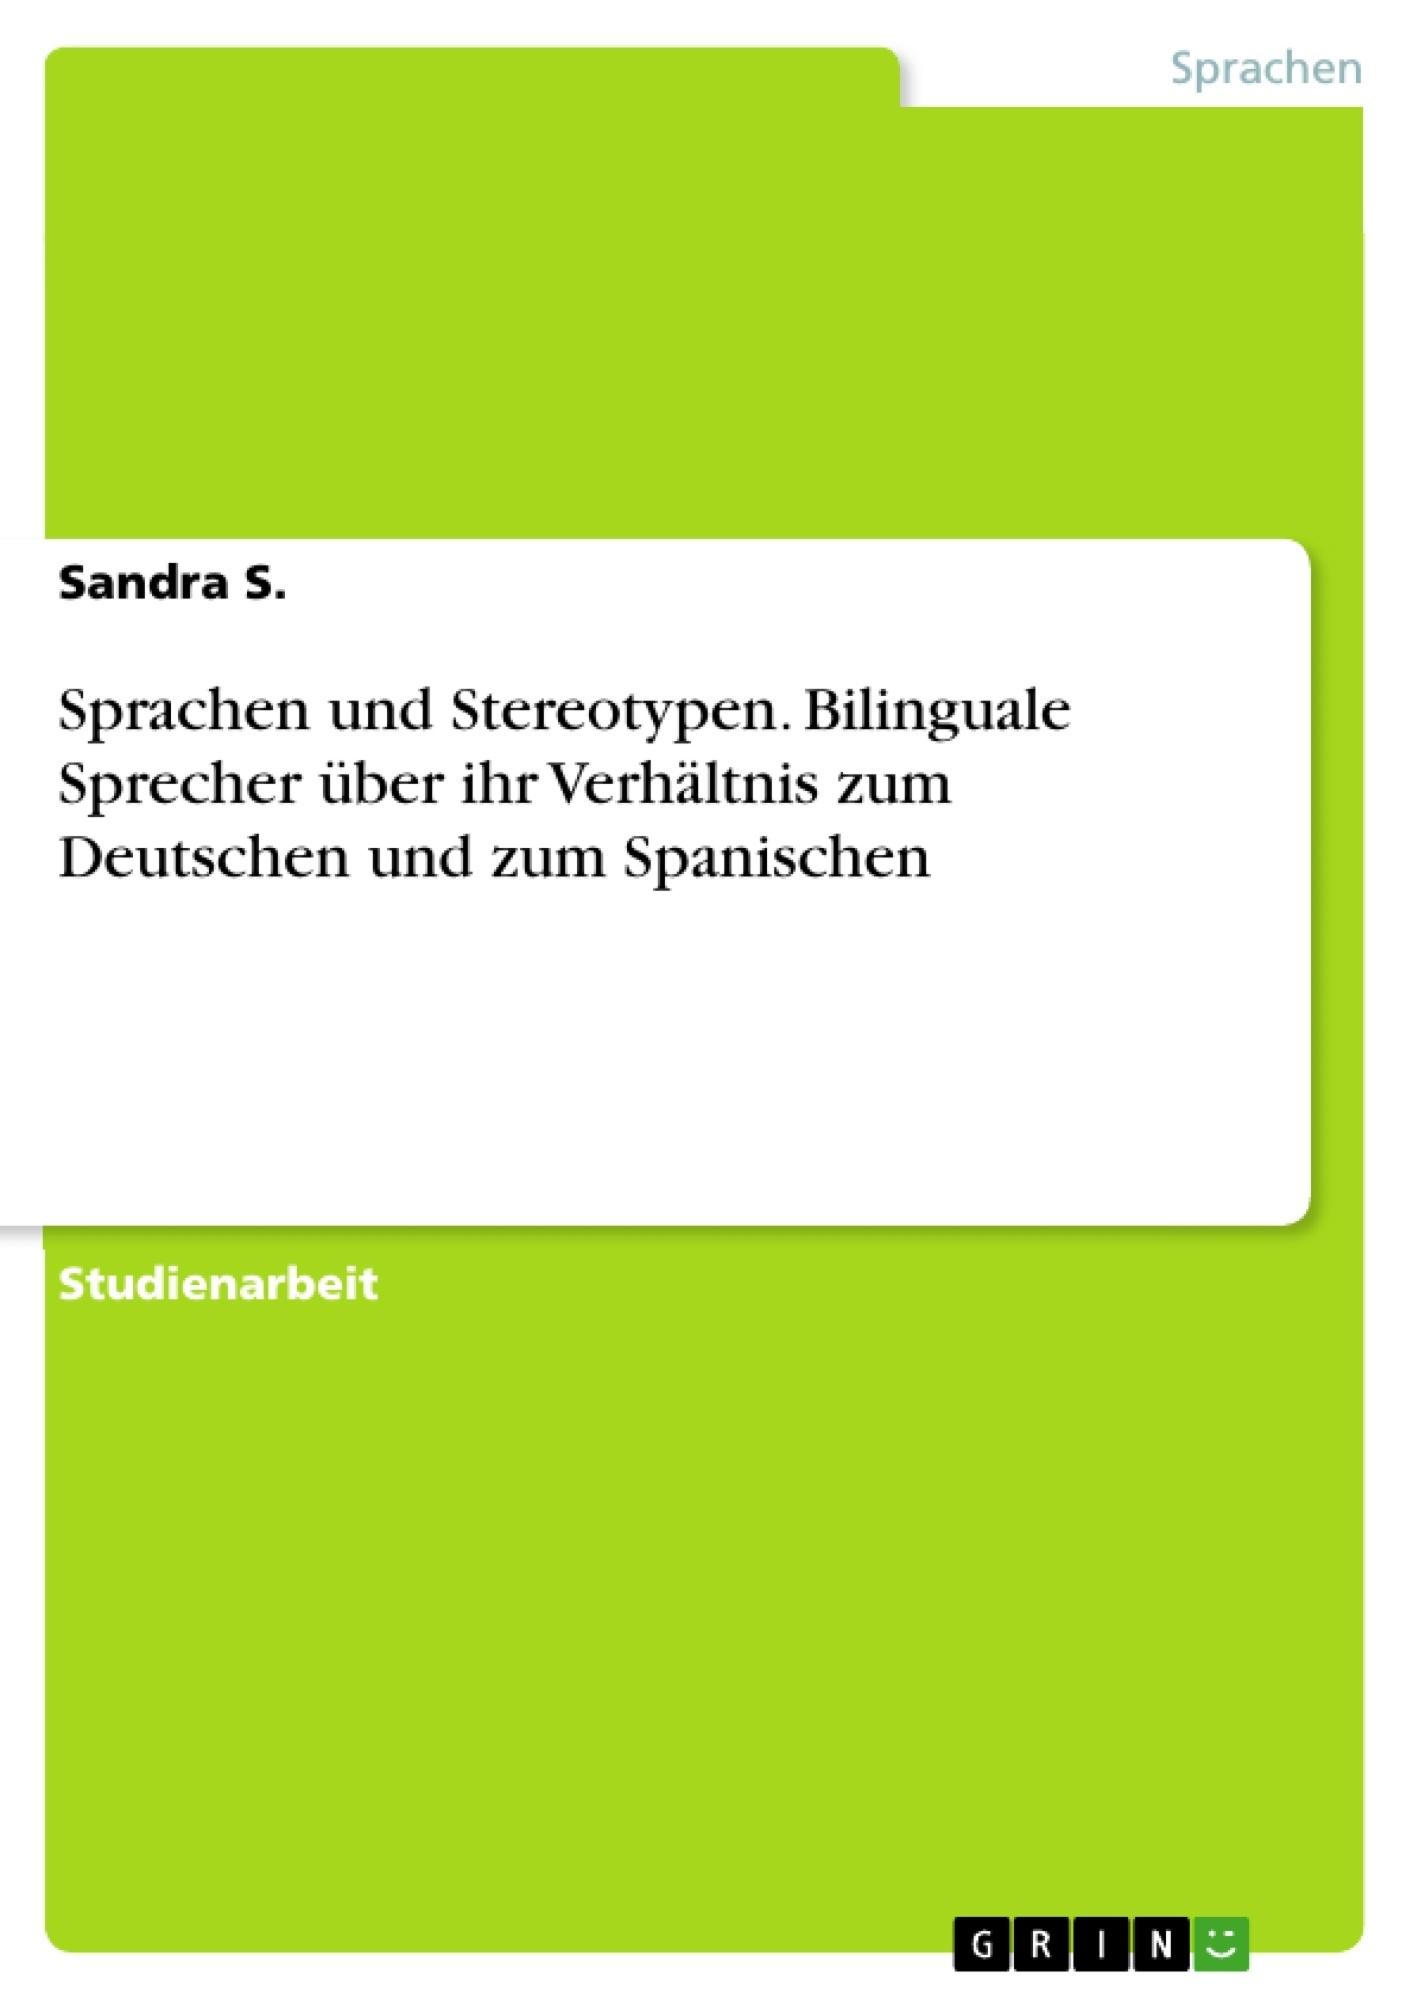 Titel: Sprachen und Stereotypen. Bilinguale Sprecher über ihr Verhältnis zum Deutschen und zum Spanischen